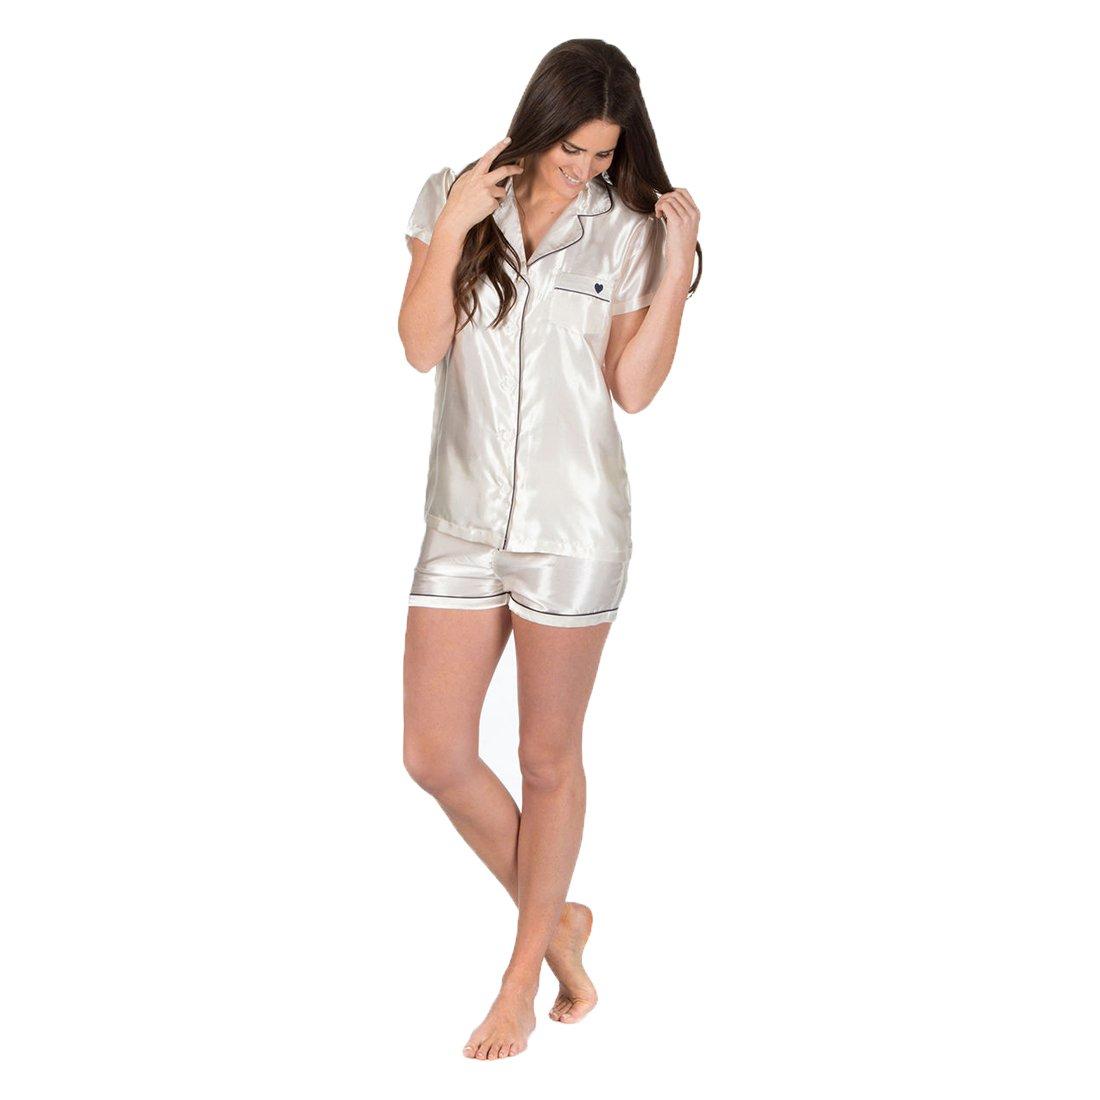 Ladies Forever Dreaming Silky Satin Pyjama Top Shorts Nightwear Sleepsuit Pjs